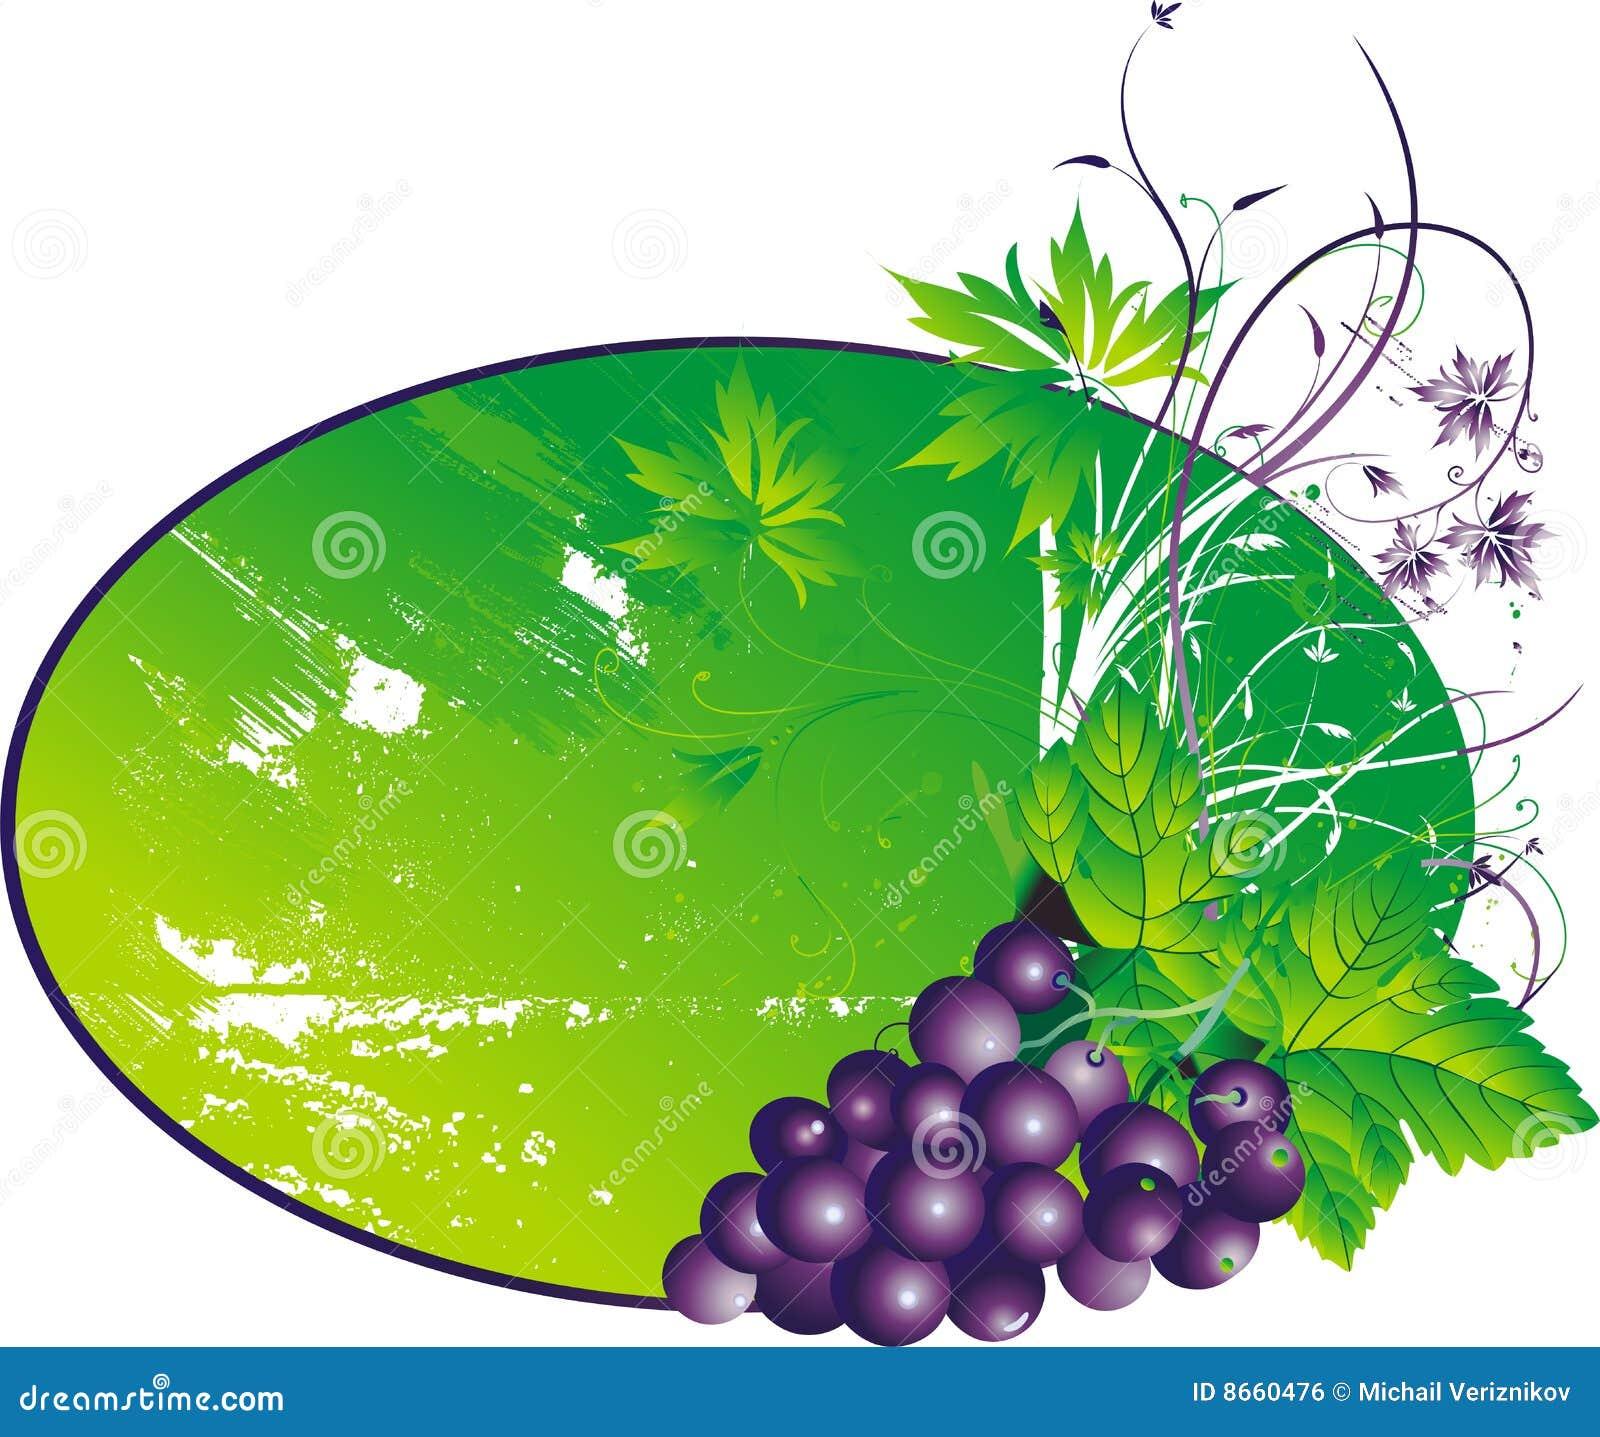 Les raisins stylisés